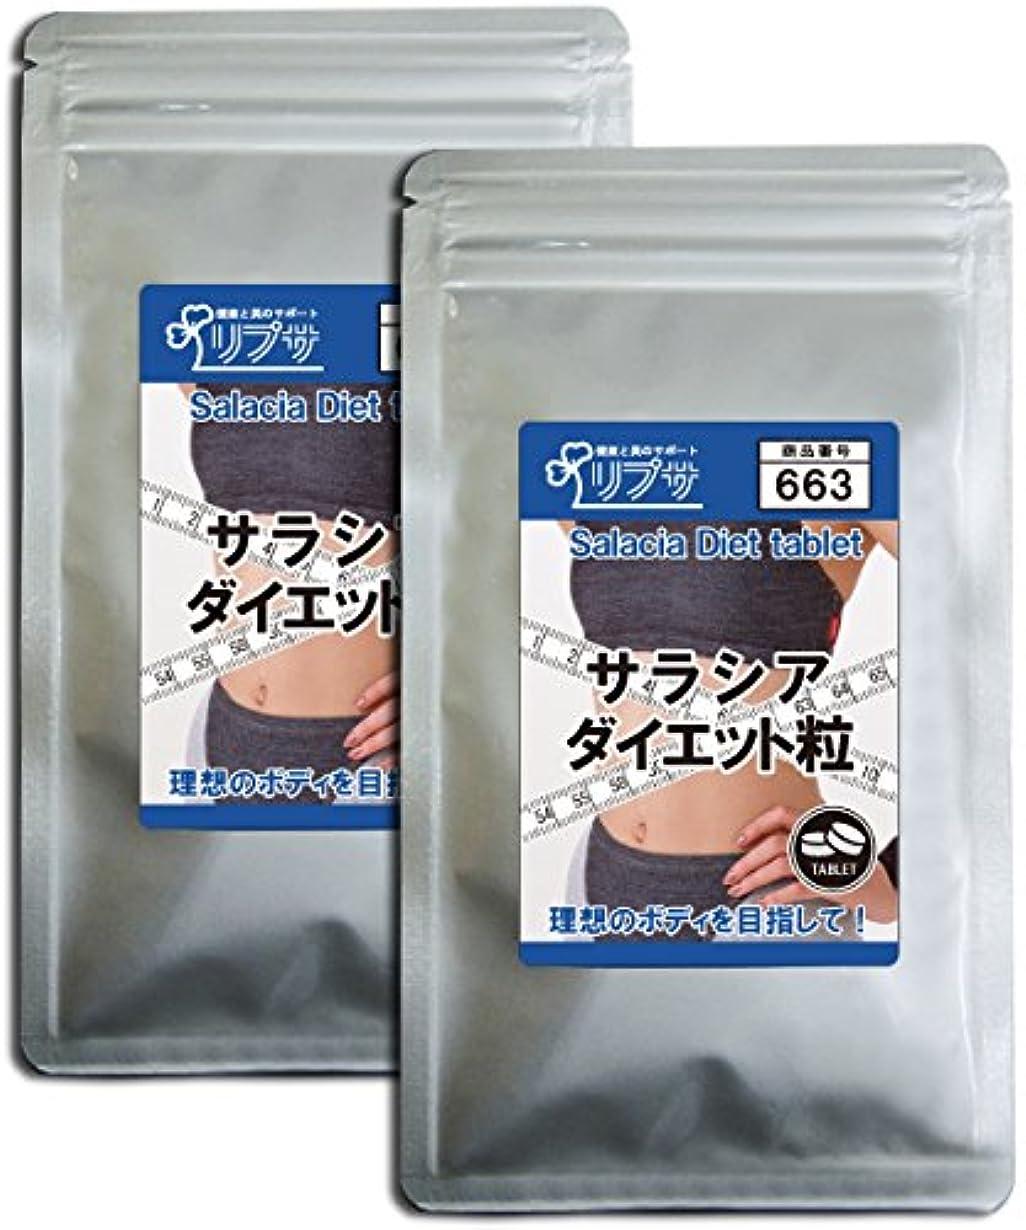 ヘア心理的に近所のサラシアダイエット粒 約3か月分×2袋 T-663-2